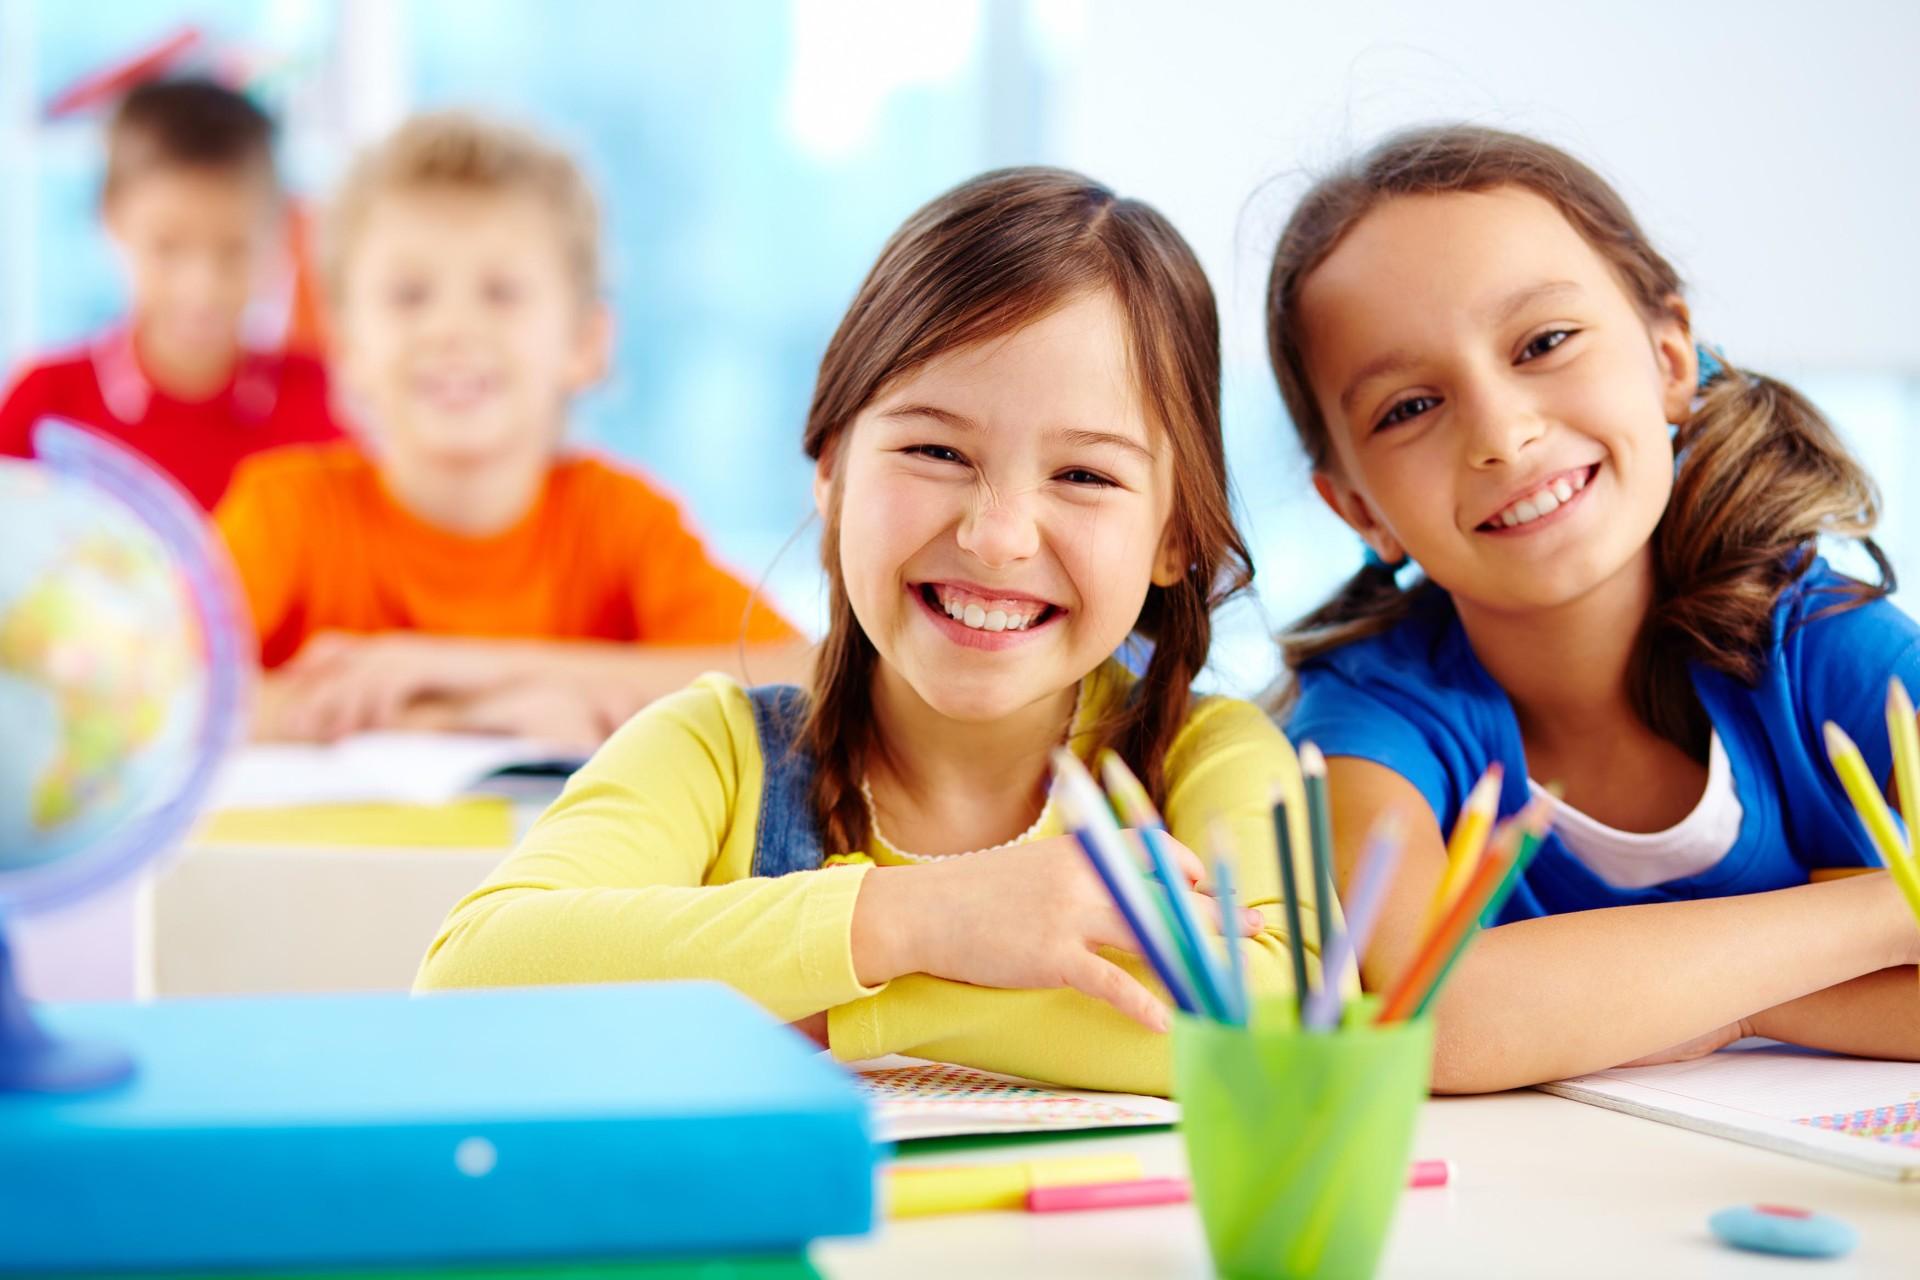 A qué edad pueden empezar a aprender Inglés nuestros niños?